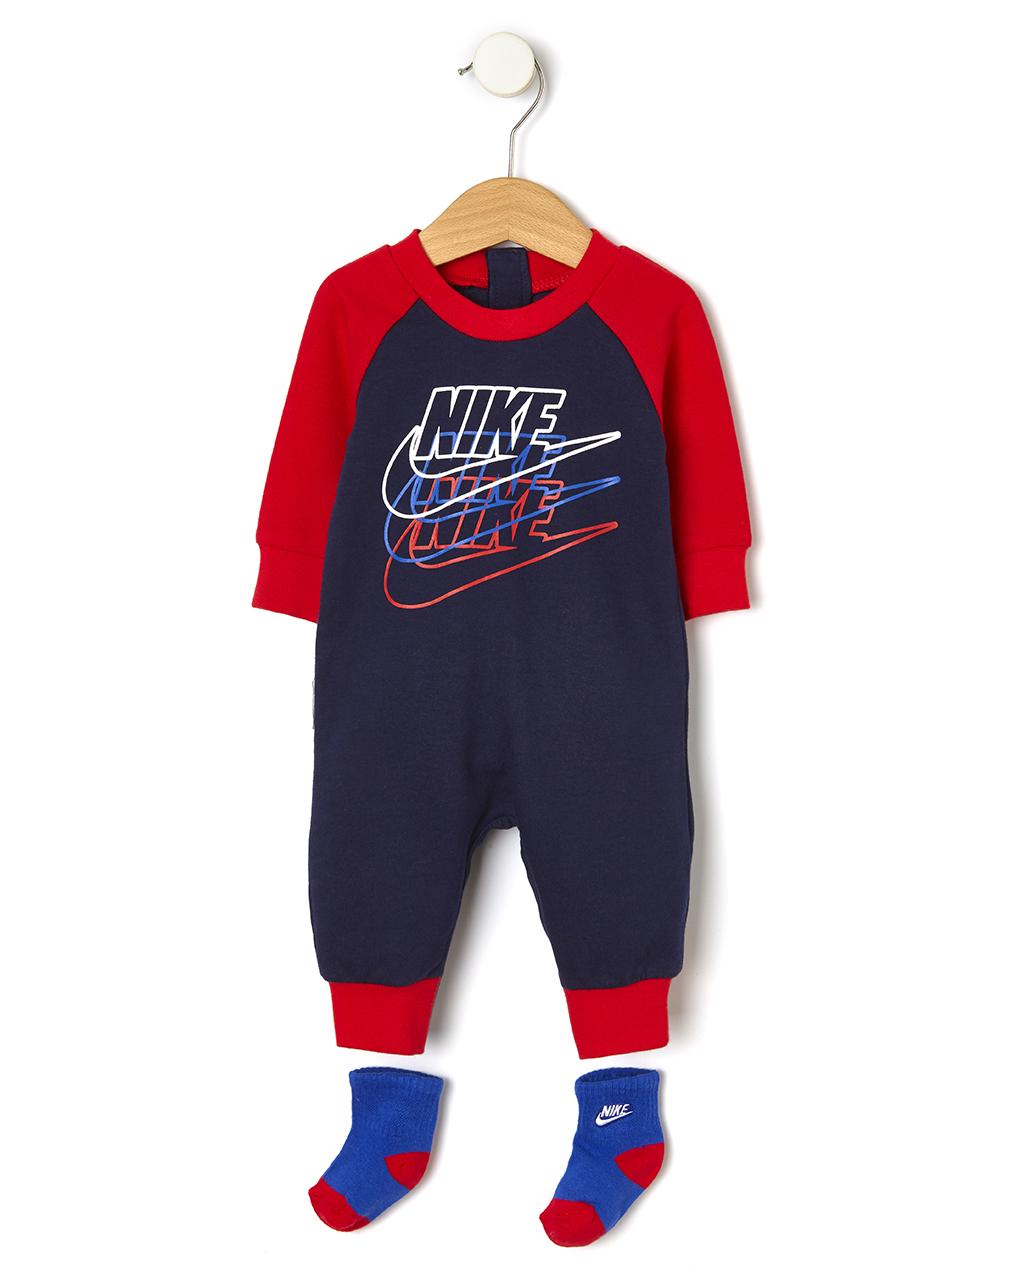 Φορμάκι Φούτερ Nike με Κάλτσες για Αγόρι